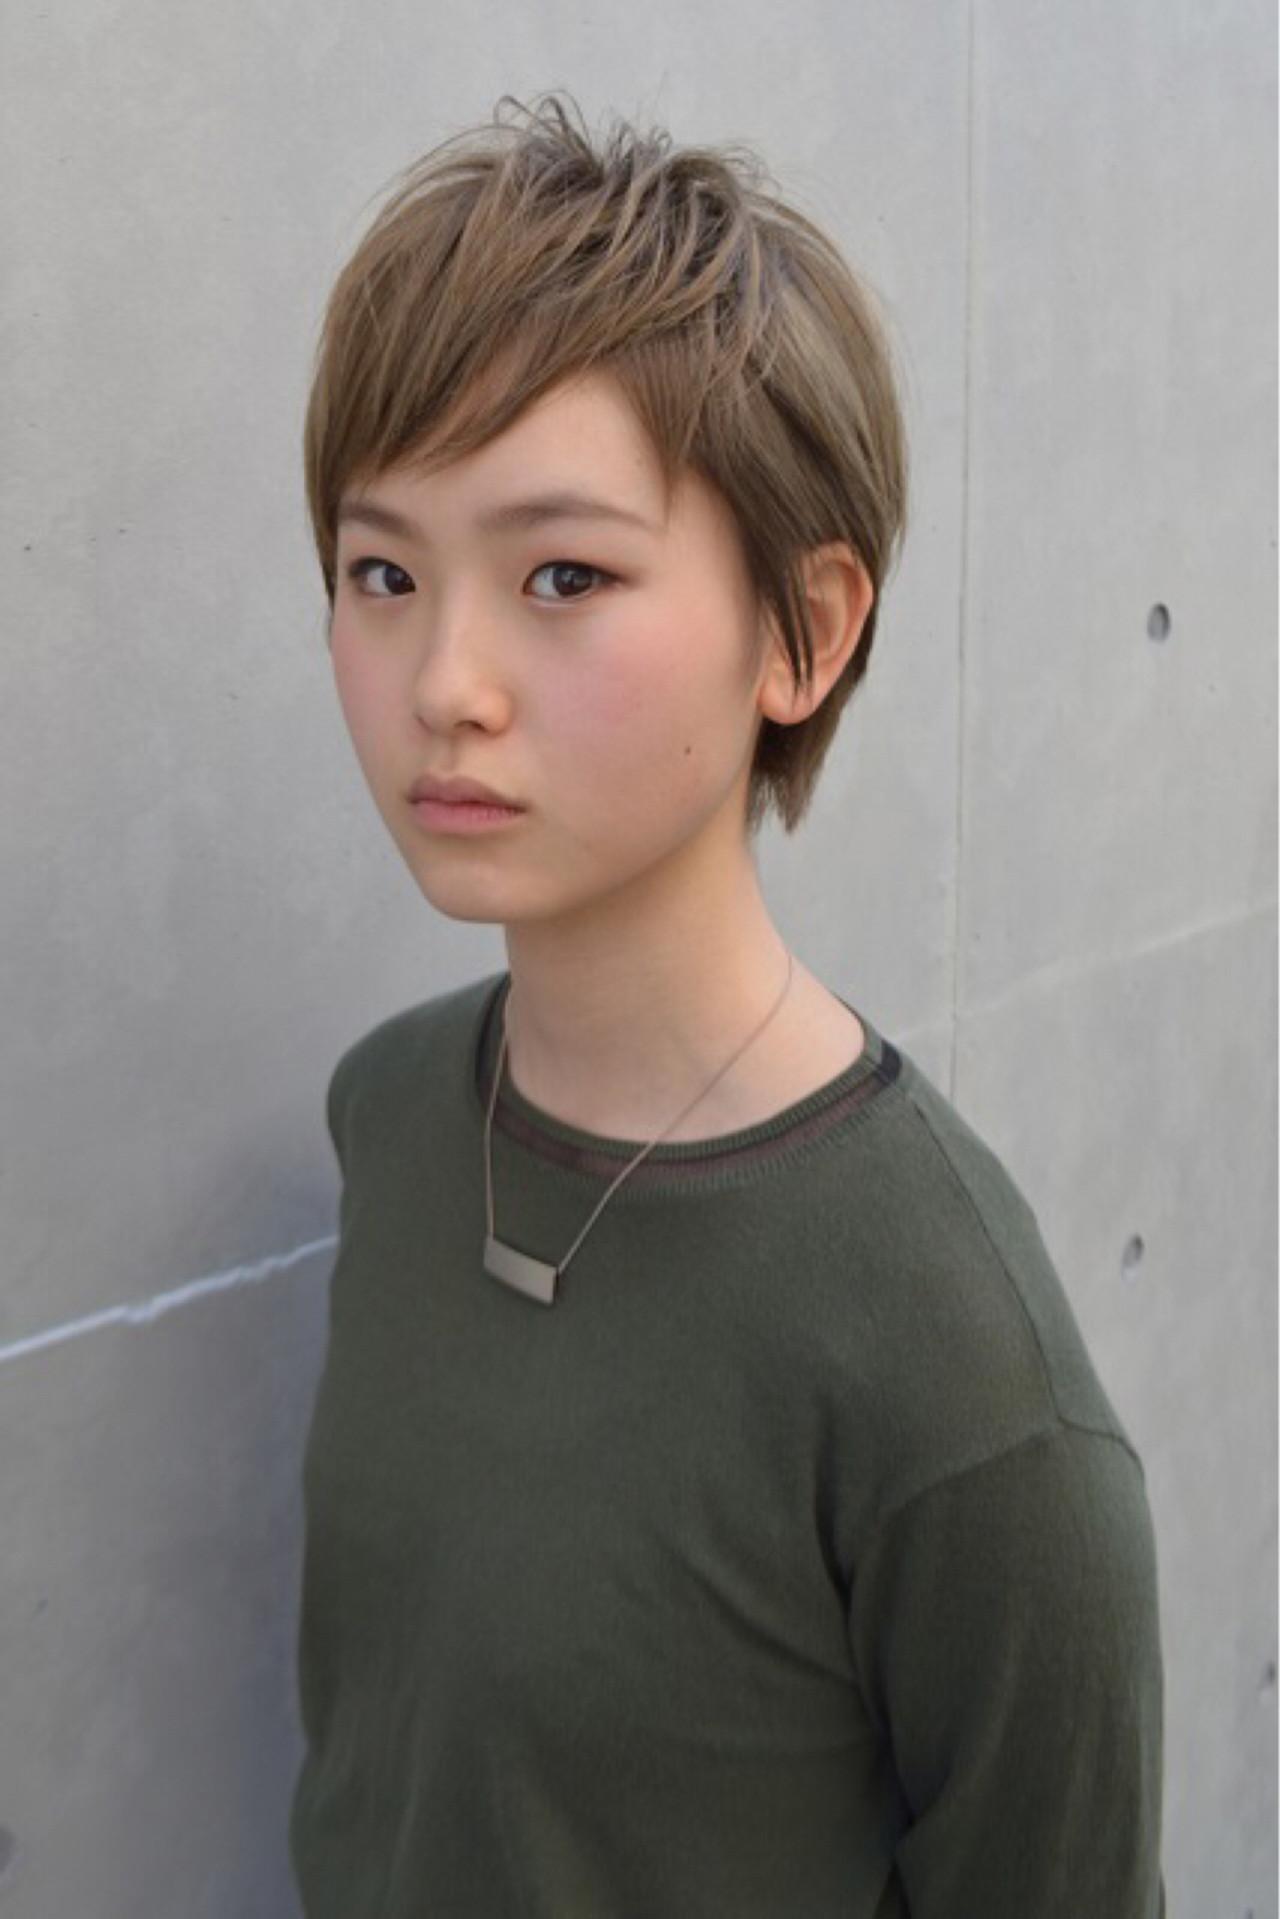 ピュア ショート ブリーチ ワイドバング ヘアスタイルや髪型の写真・画像 | Nao Kokubun blast / blast